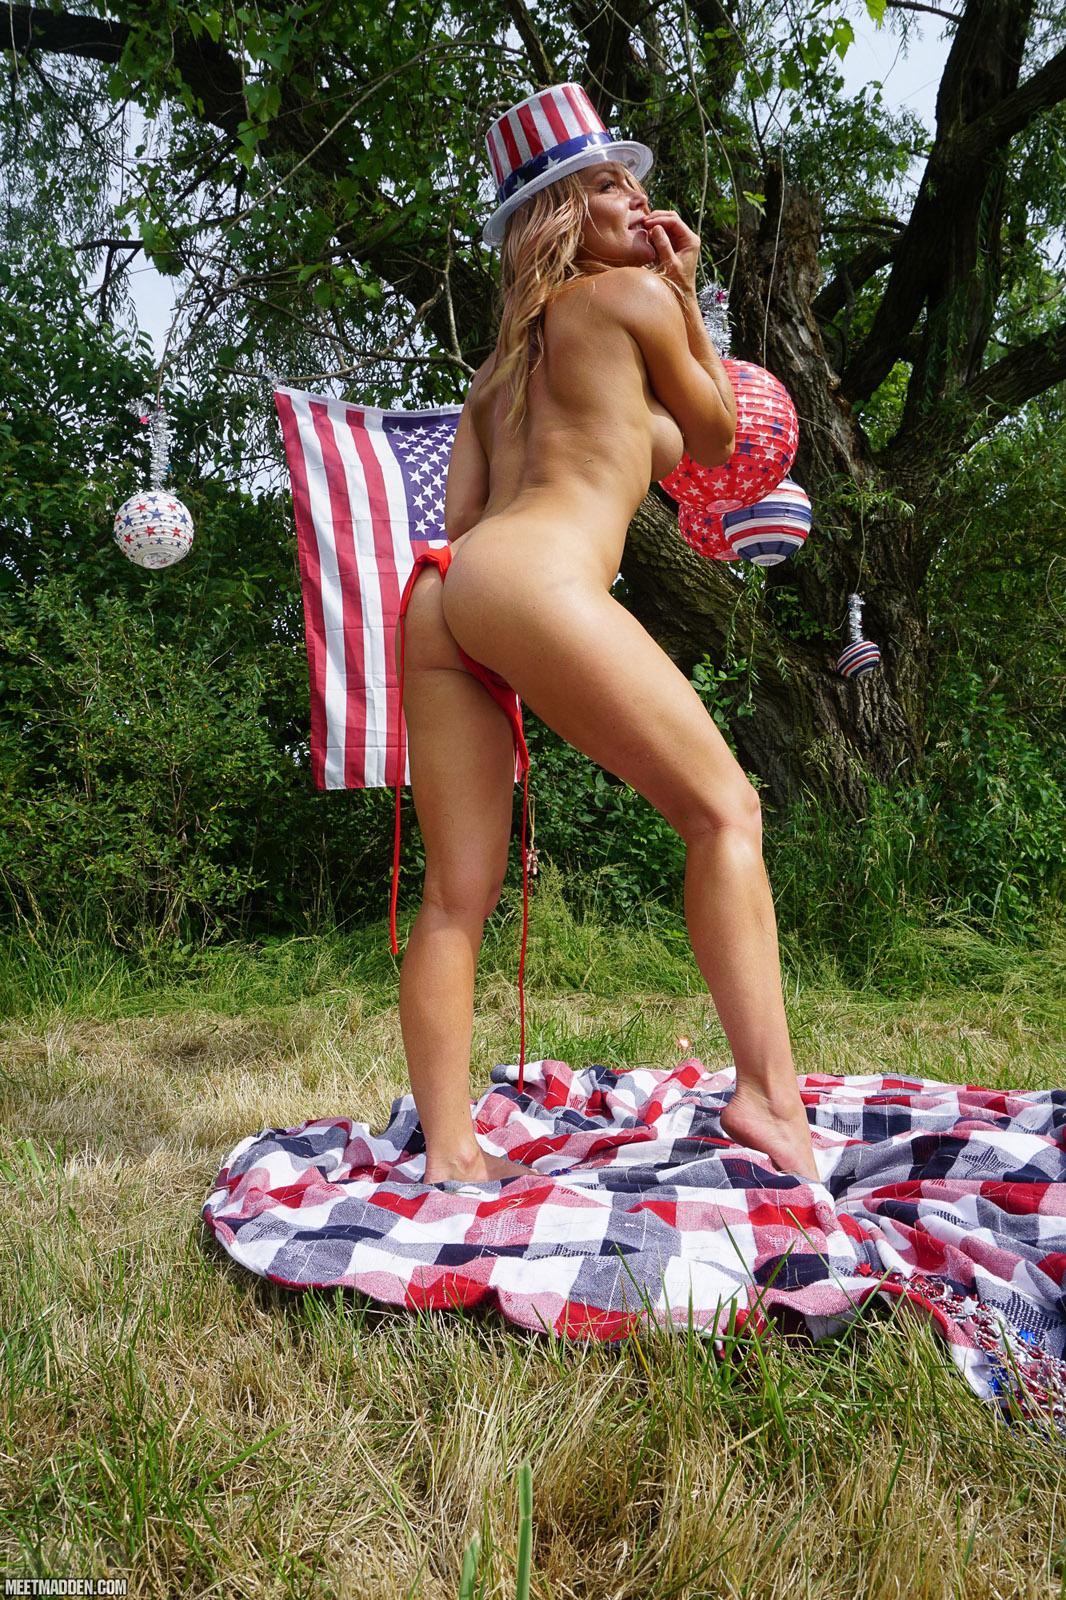 hottystop meet madden all american girl 12